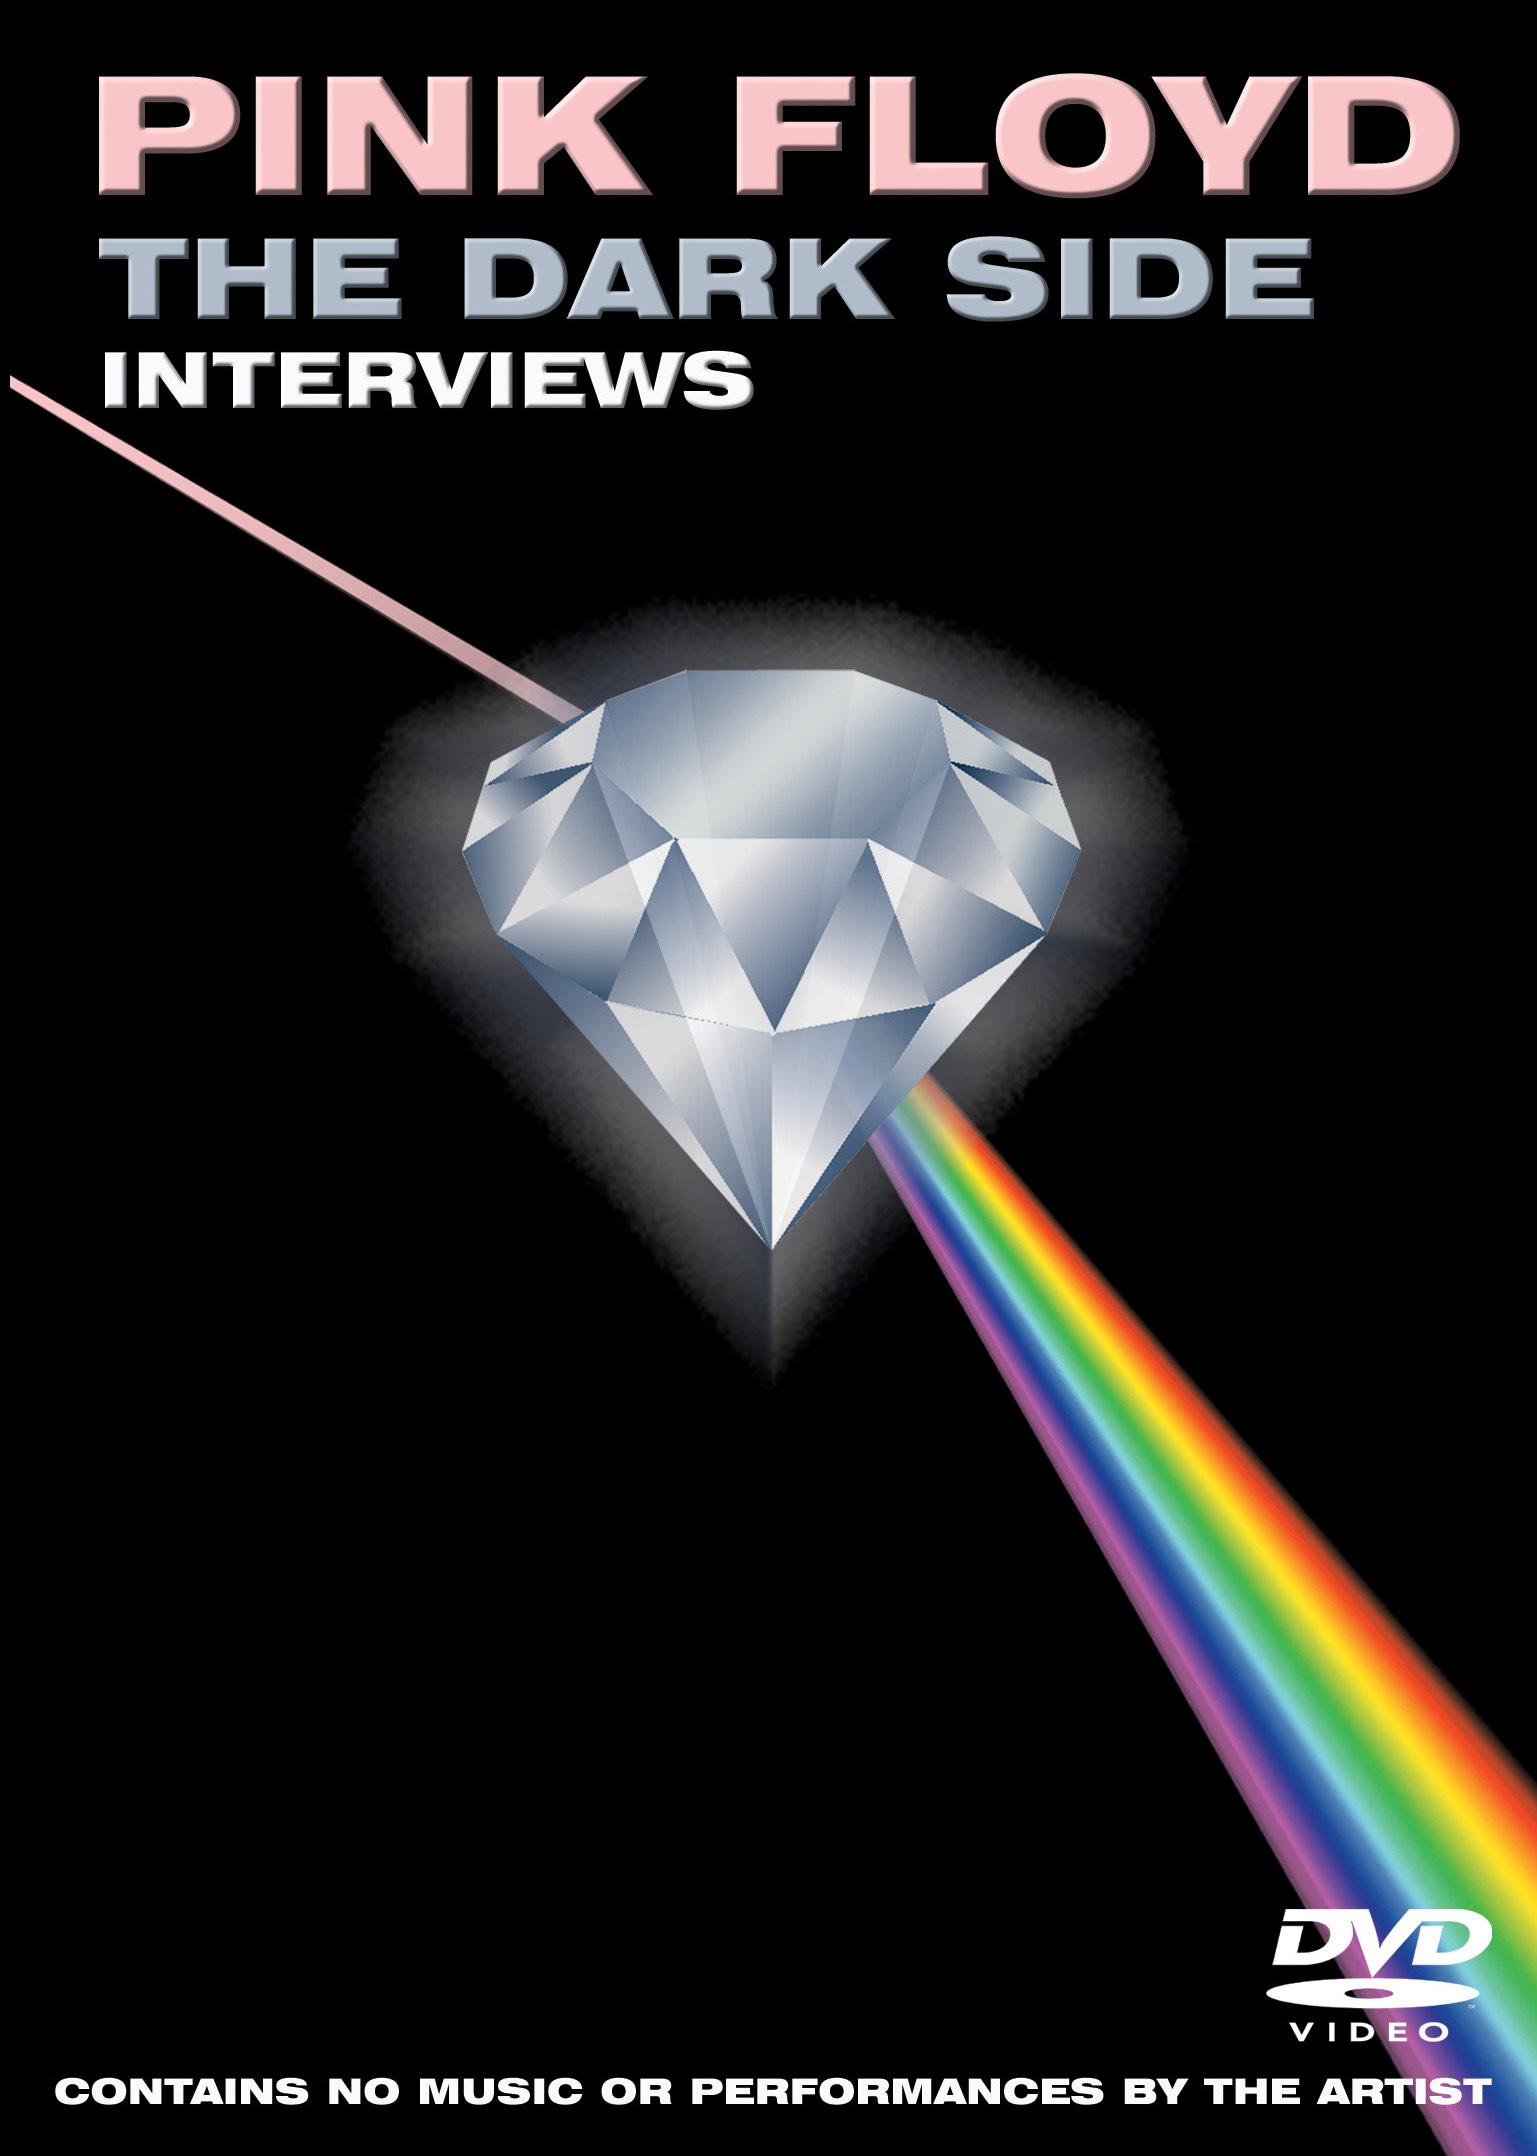 Pink Floyd: The Dark Side - Interviews